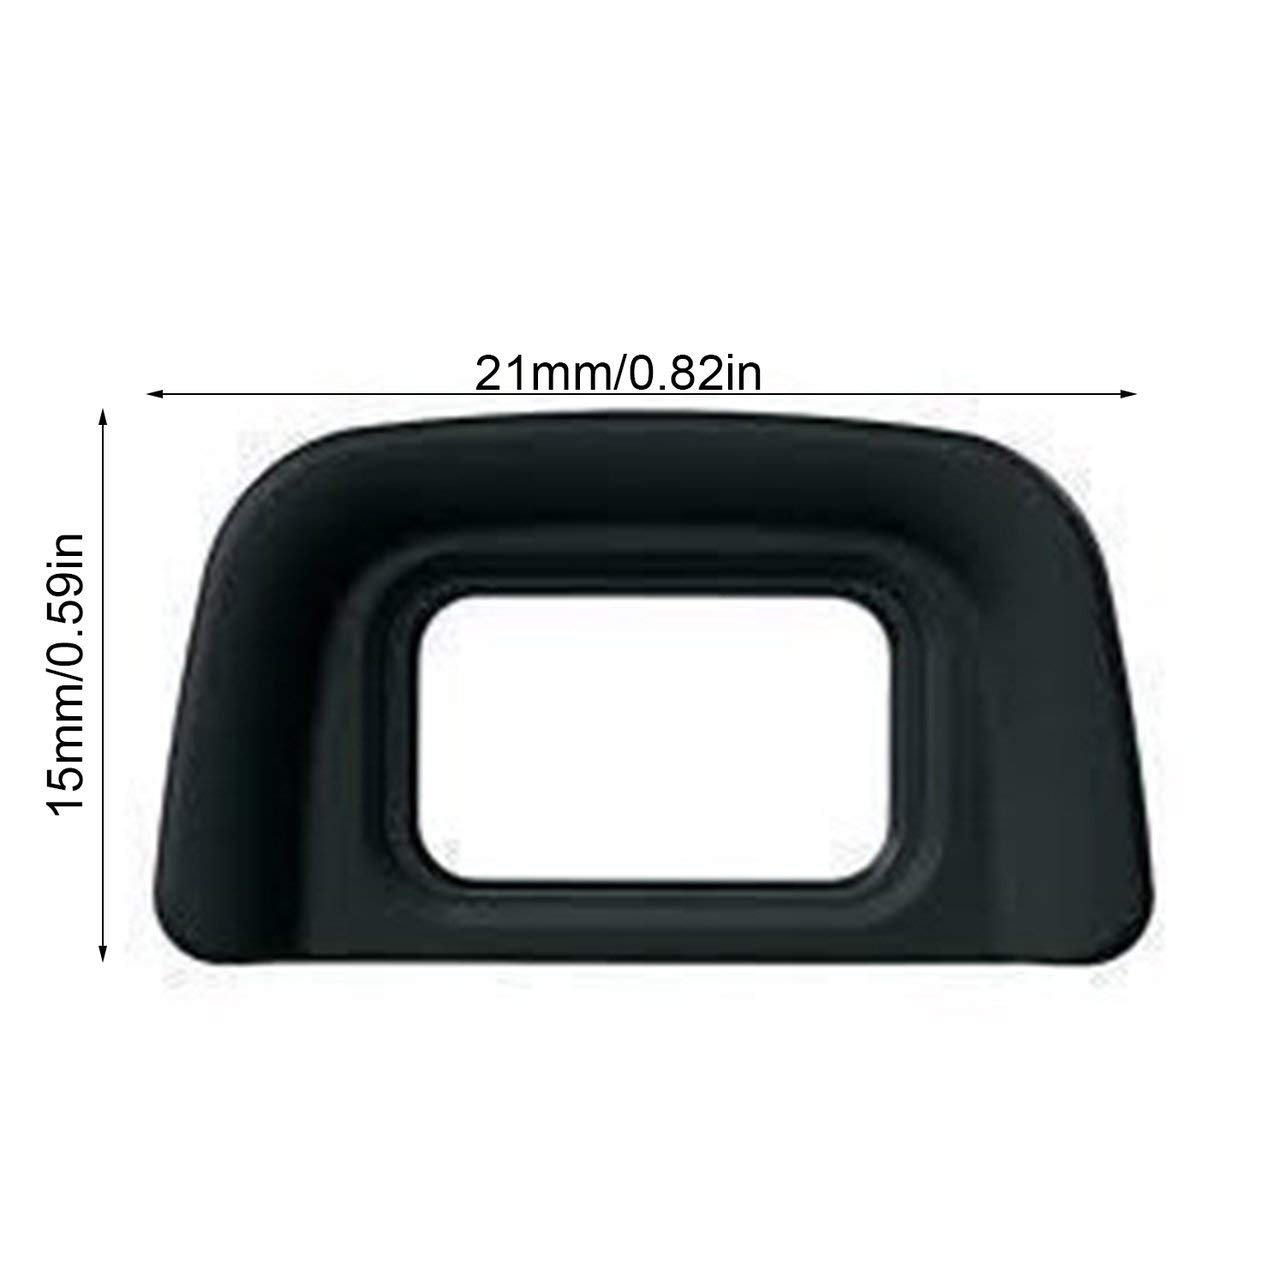 DK-20 Mirino Oculare Oculare Maschera adatta per Nikon D3200 D70S D3100 Colore: nero